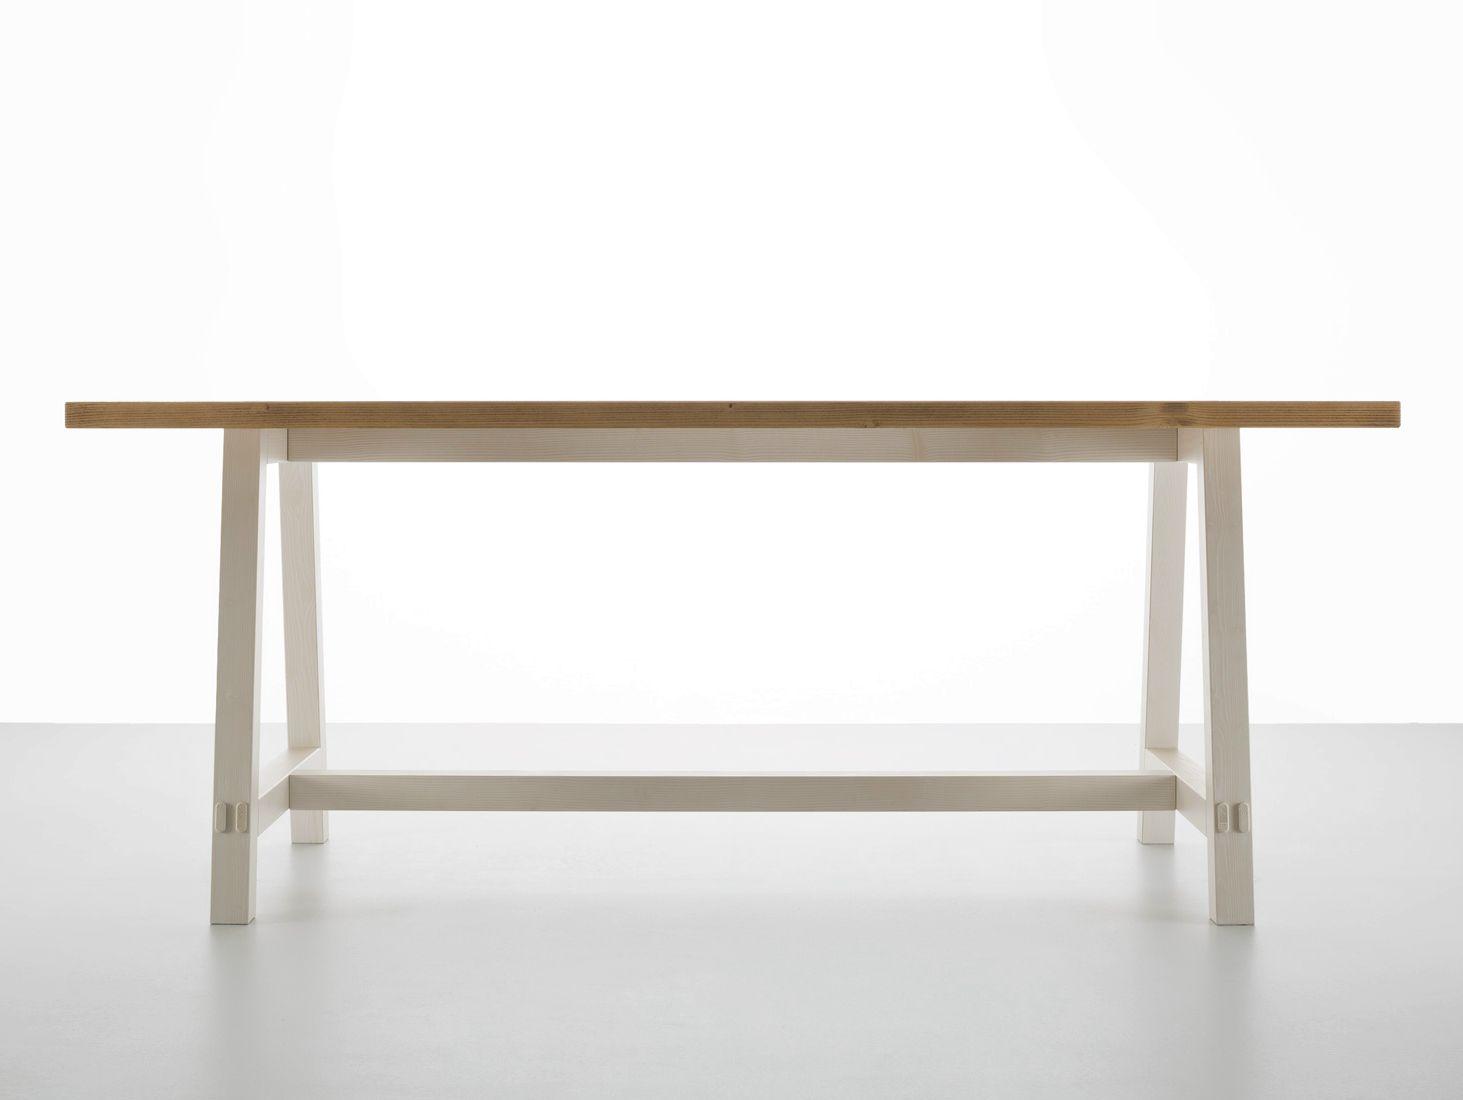 Tavolo fratino moderno 28 images tavolo fratino moderno con piano in vetro zeus di midj - Tavolo fratino moderno ...